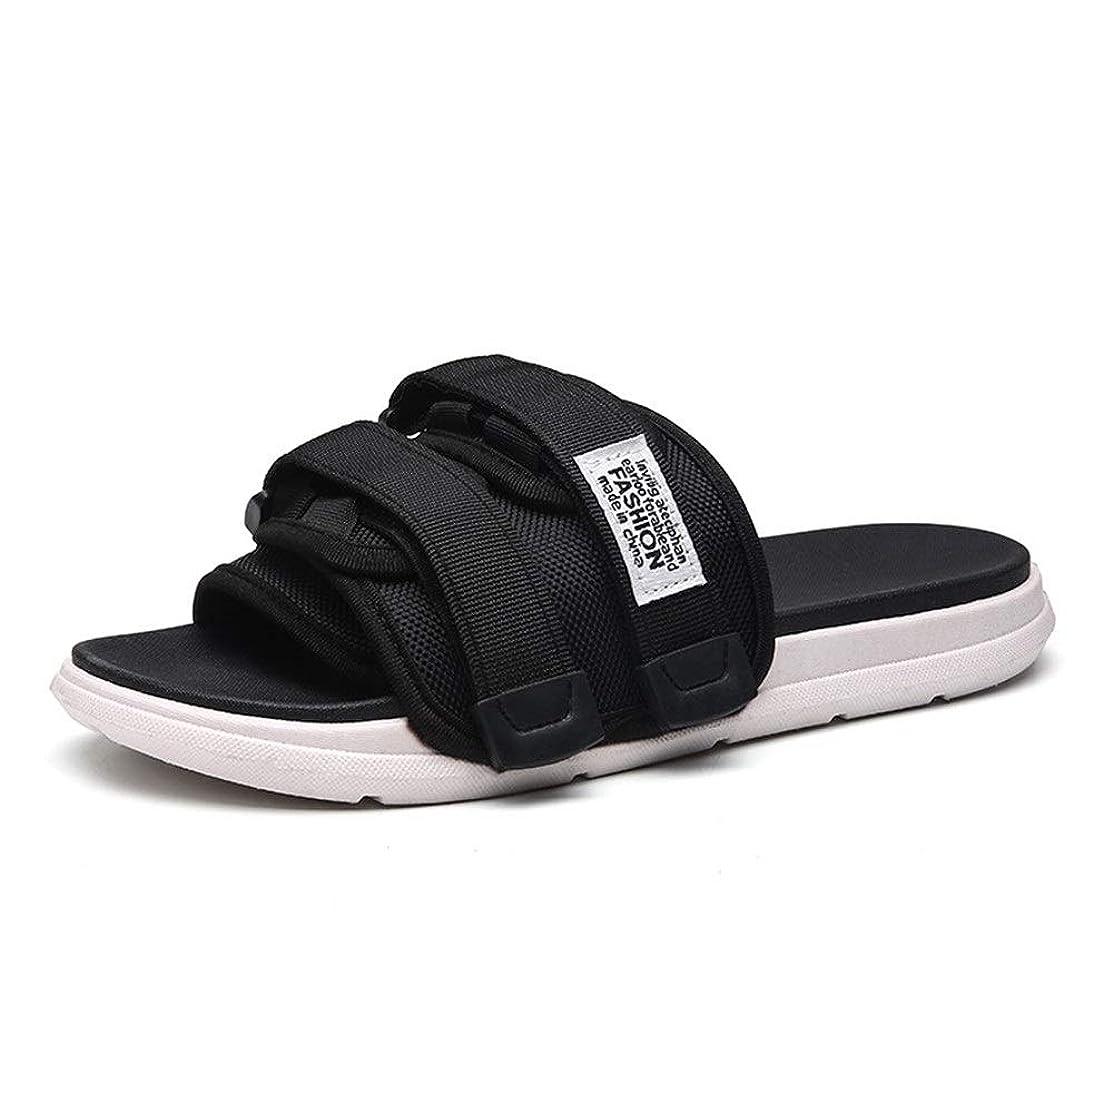 批判的ご意見ギャザー滑り止め 靴 アウトドア 夏メンズビーチスリッパは滑り止め屋内Wordのスリッパホームサンダルを向上しました サンダル メンズ 本革 (Color : Black, Size : 44)